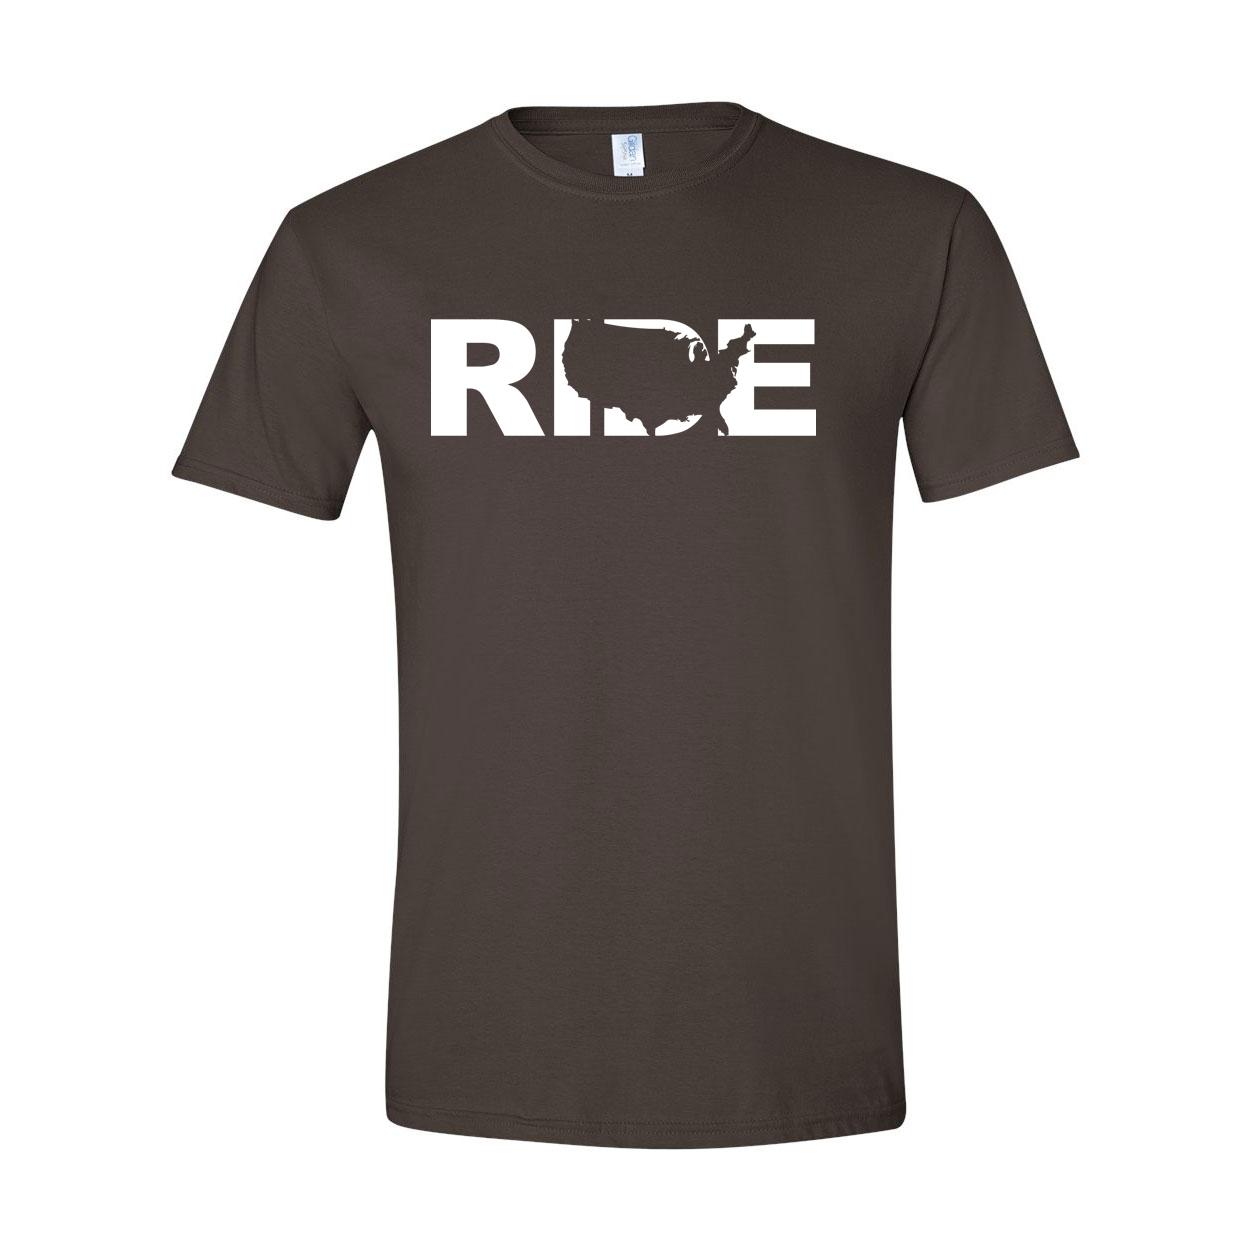 Ride United States Classic T-Shirt Dark Chocolate Brown (White Logo)